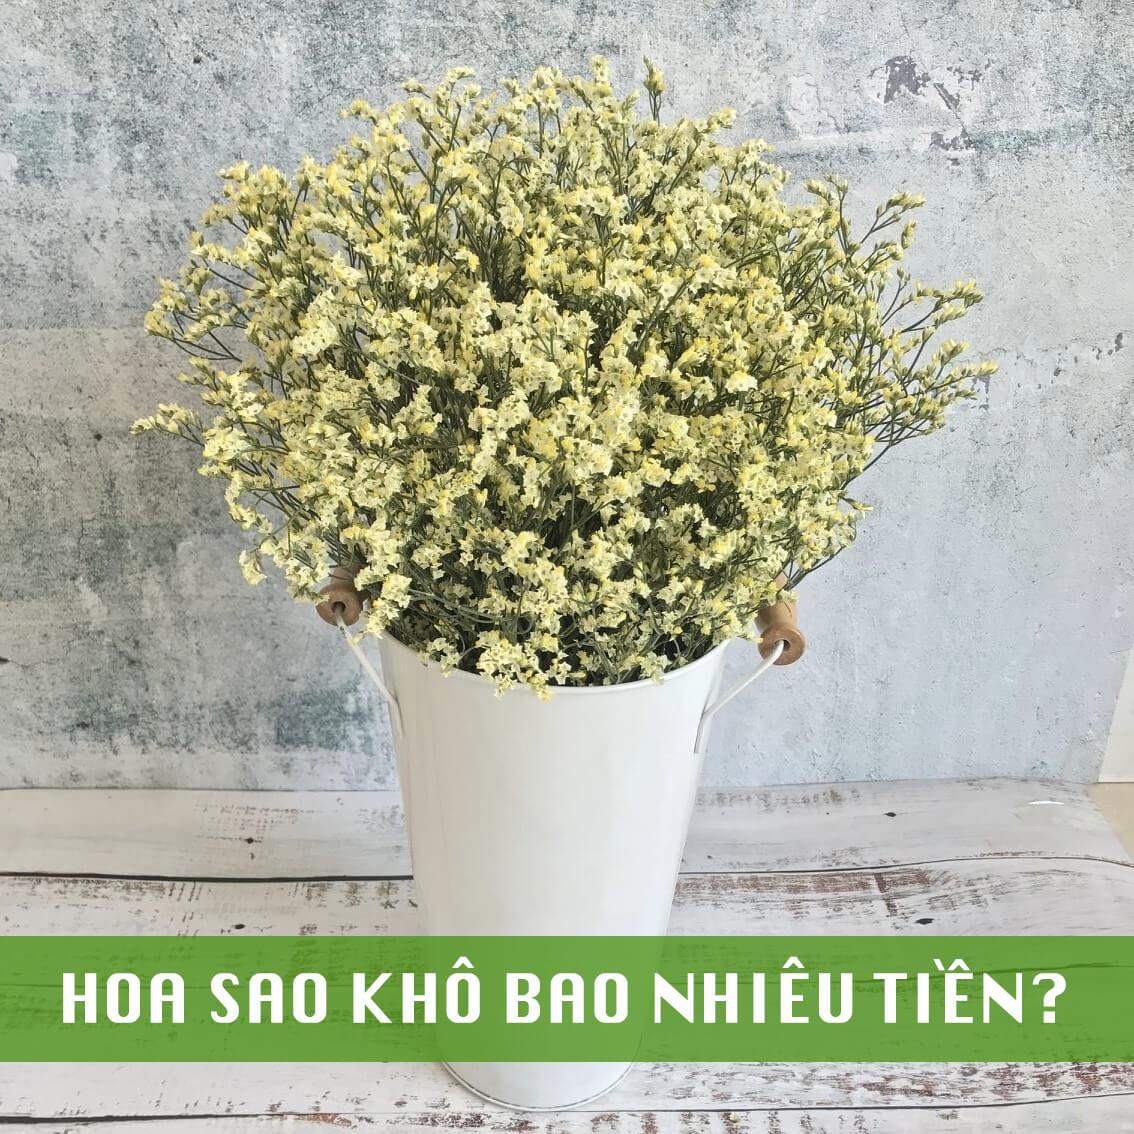 hoa sao khô bao nhiêu tiền